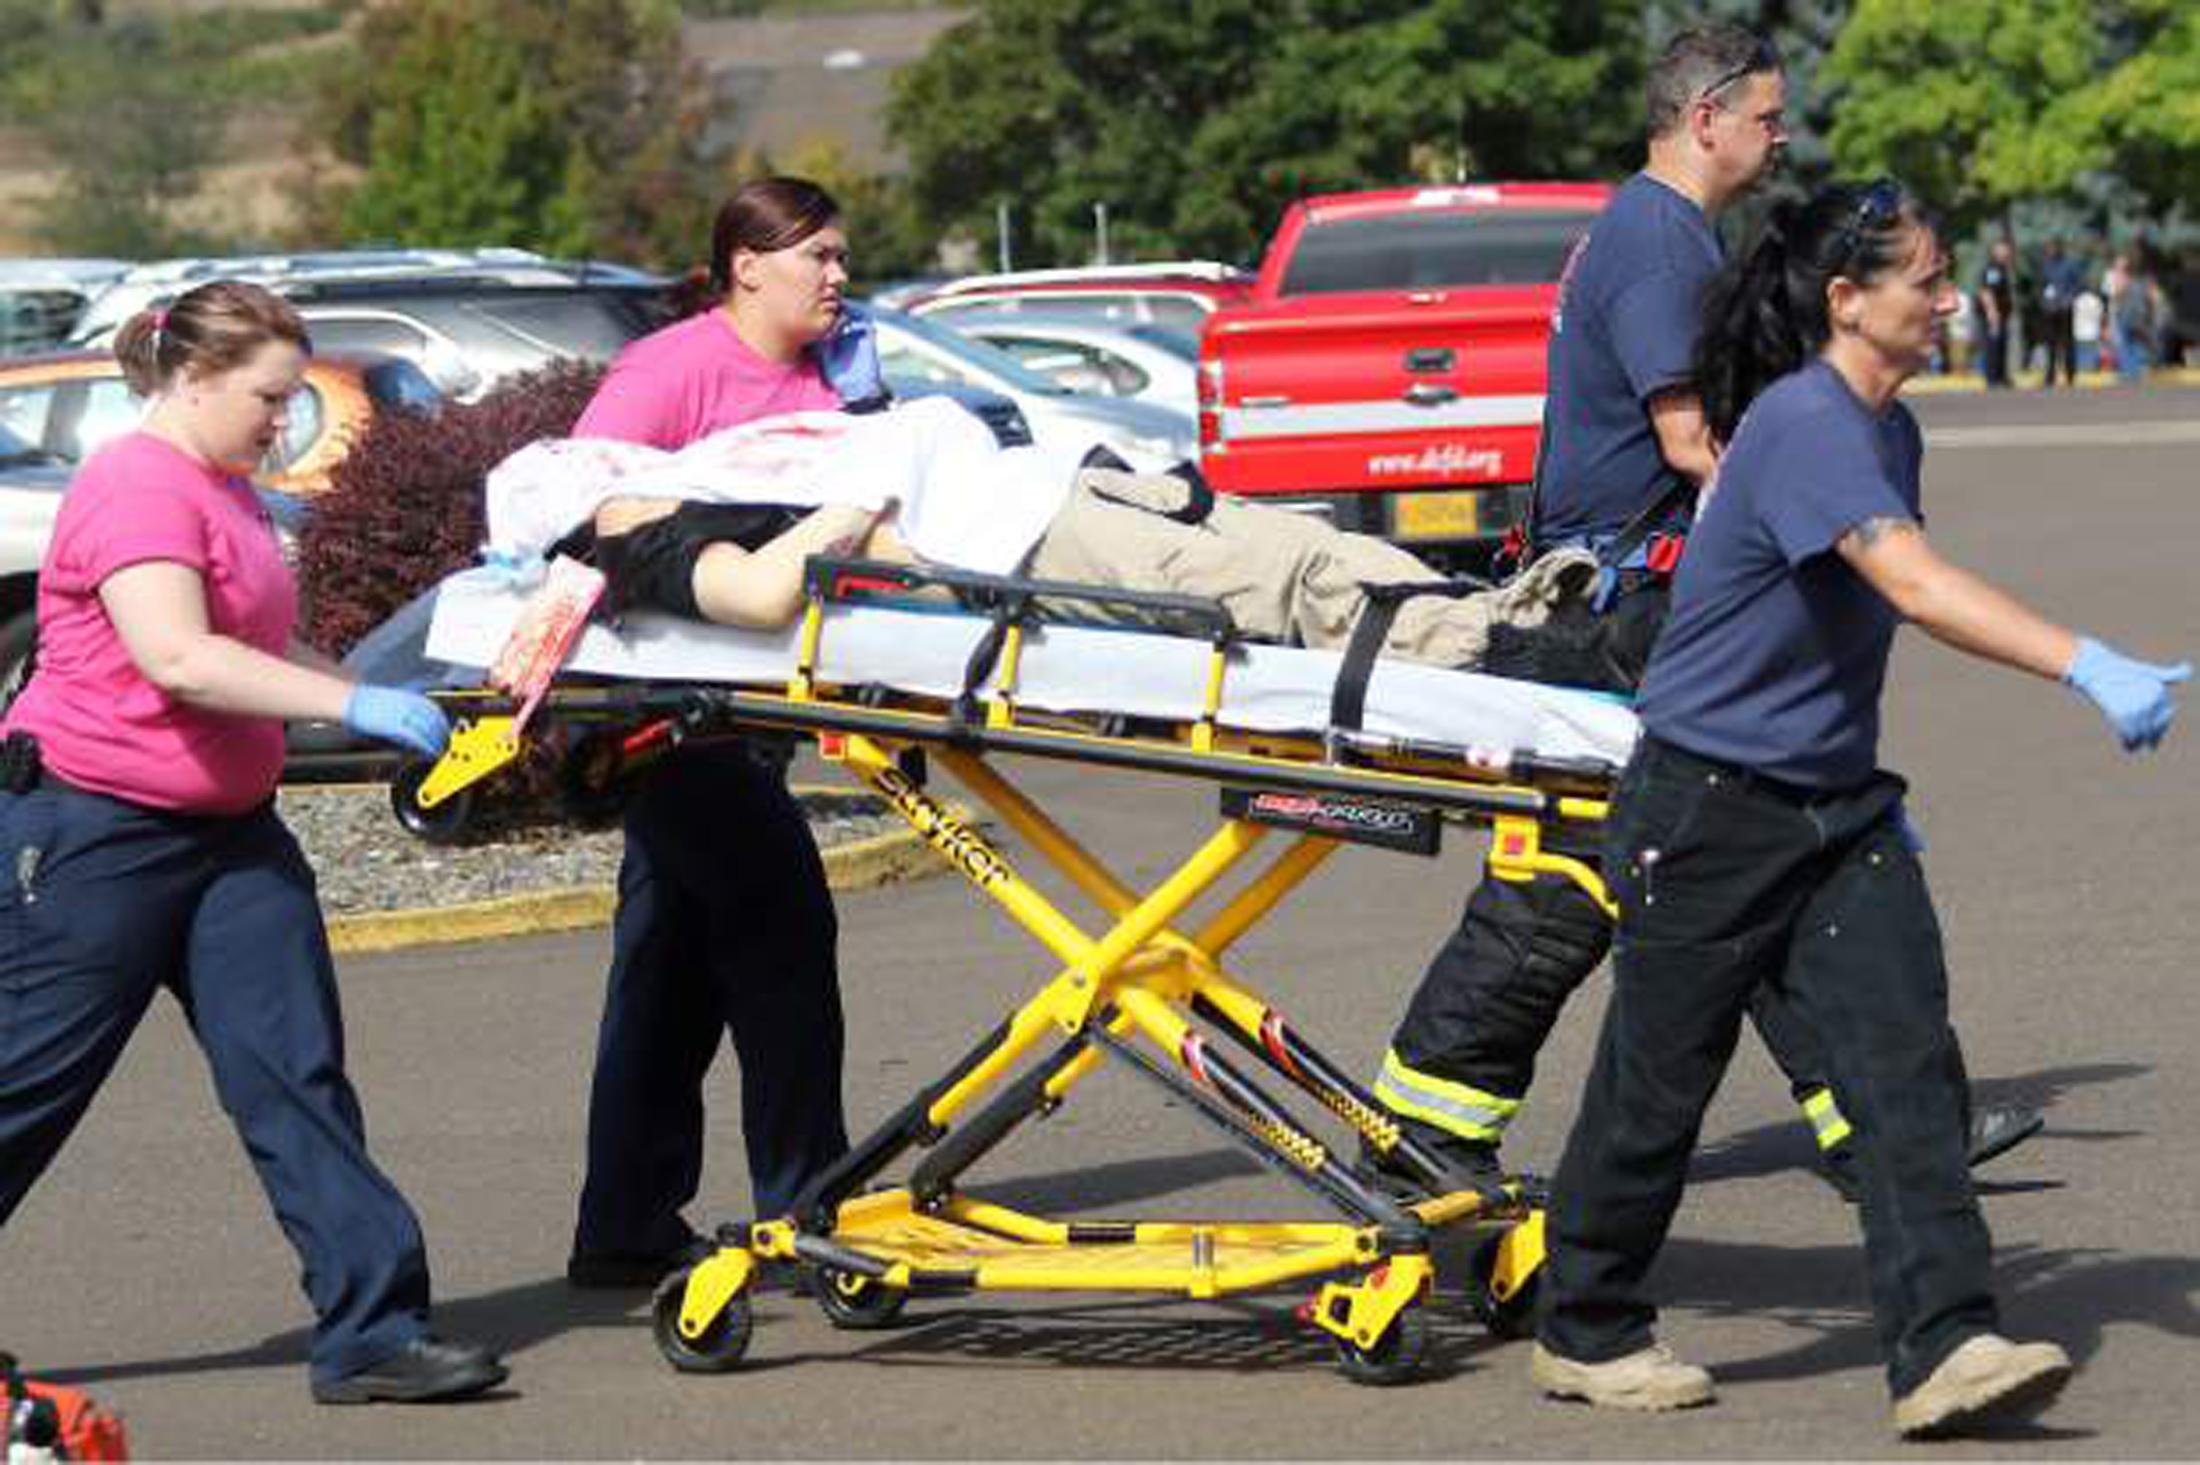 Petugas gawat darurat memindahkan seseorang yang terluka setelah adanya insiden penembakan di Kampus Umpqua di Roseburg, Oregon, Kamis (1/10). Pria bersenjata melepaskan tembakan di sebuah komunitas kampus di Oregon, menewaskan 13 orang dan melukai 20 lainnya sebelum akhirnya ditembak mati oleh aparat hukum, dalam pembunuhan masal terbaru yang mengguncang sekolah Amerika Serikat, menurut keterangan jaksa wilayah dan sheriff setempat. ANTARA FOTO/REUTERS/Michael Sullivan/The News-Review.